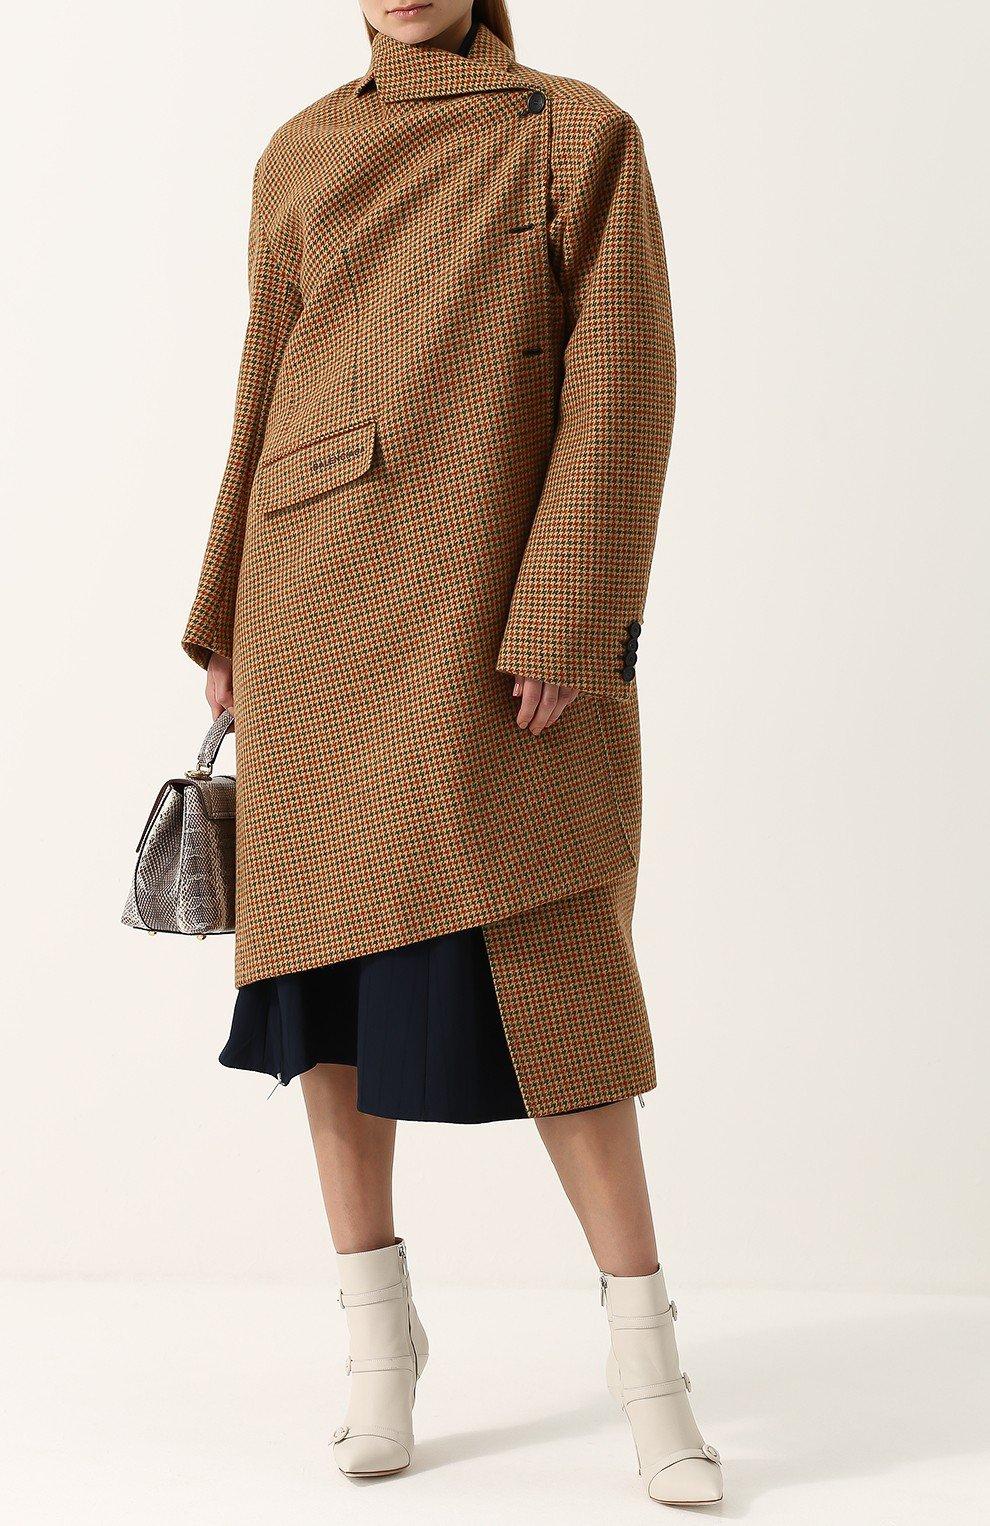 стильный образ весна 2019: бежевое асимметричное пальто в клетку и черная юбка